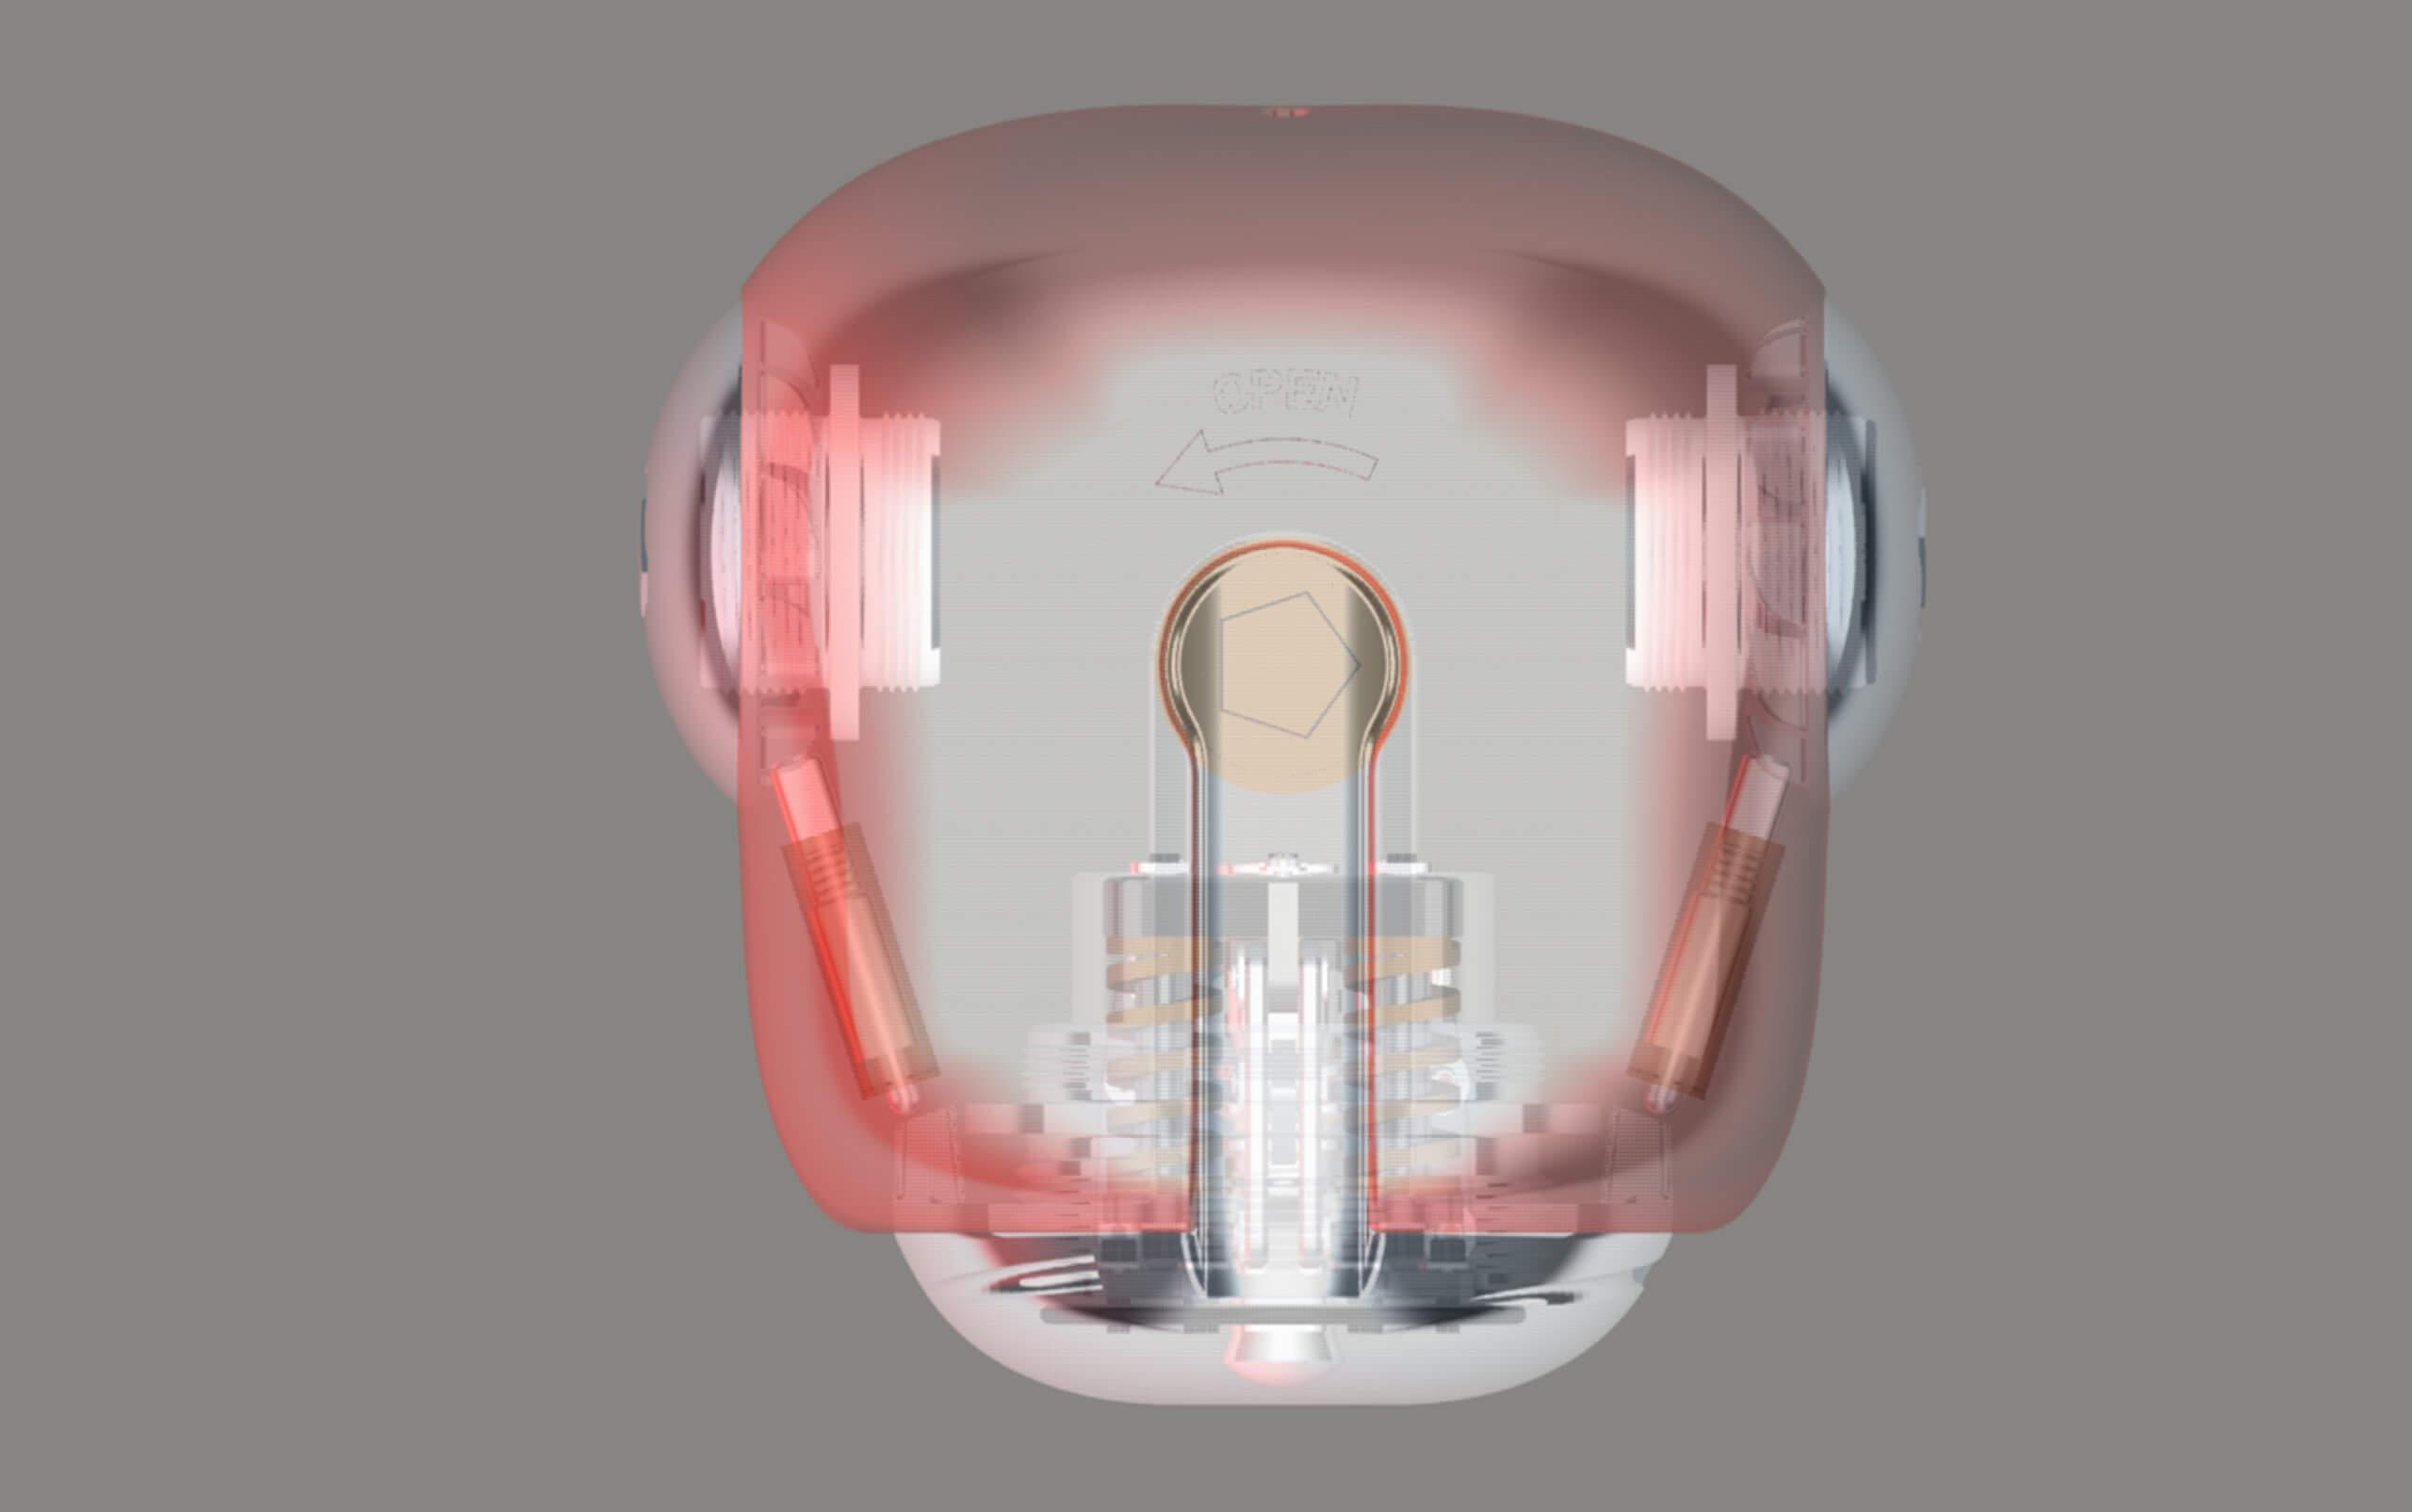 Hydrant x-ray